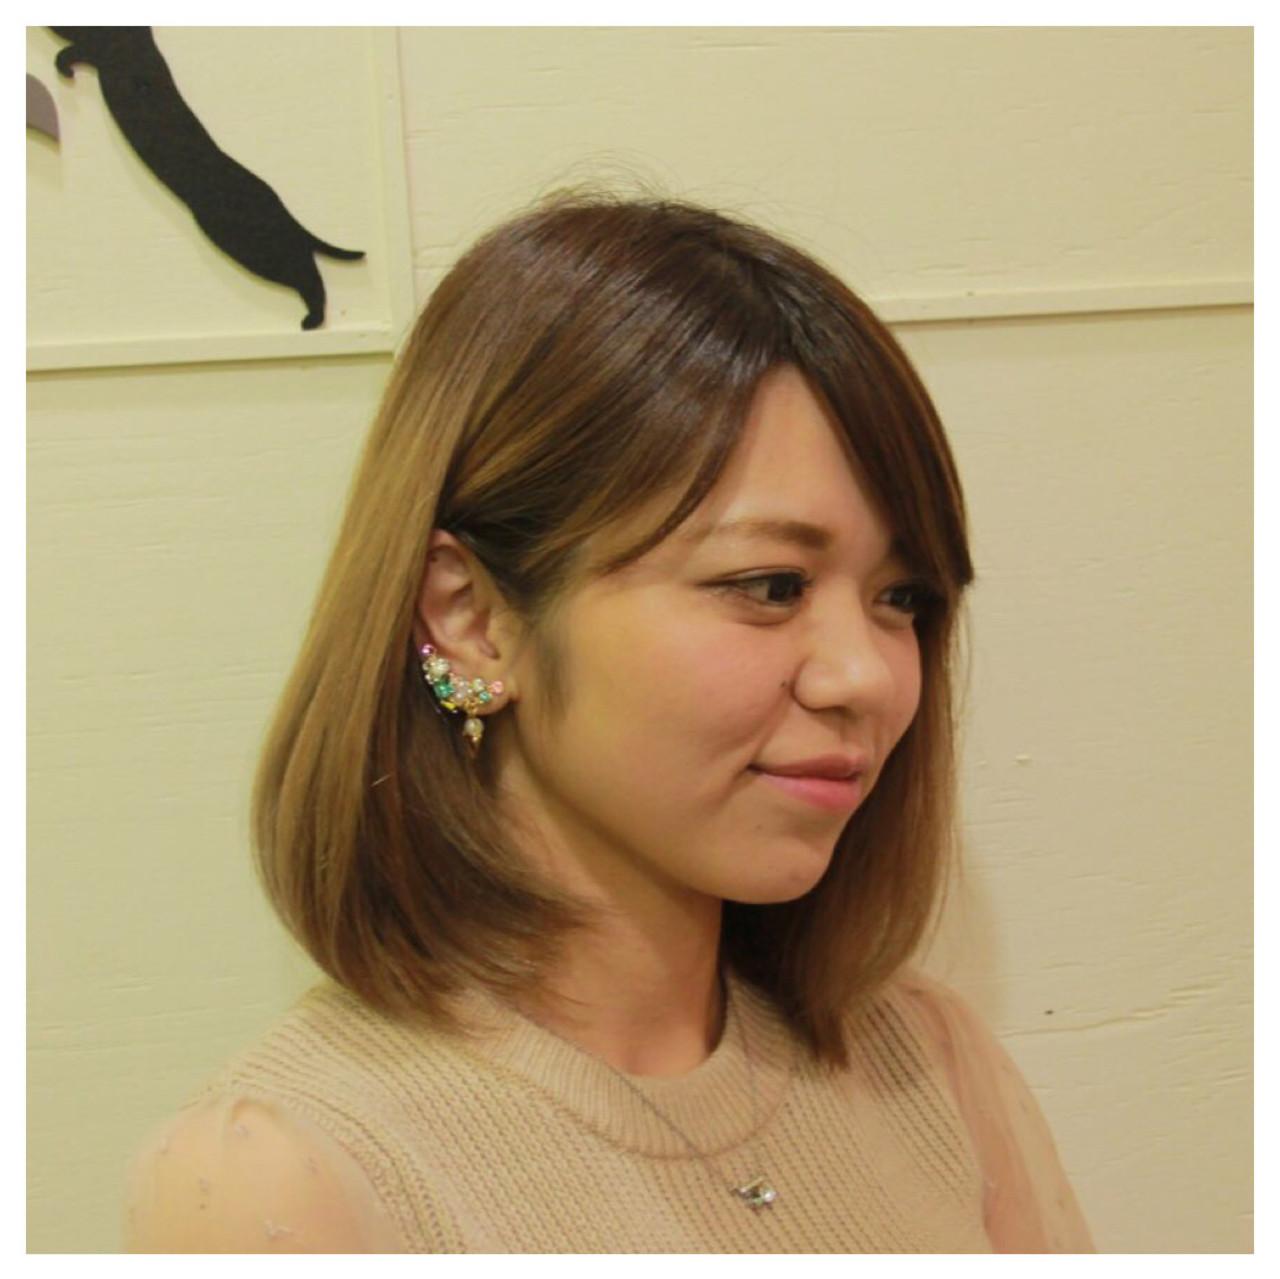 透明感 ロブ グラデーションカラー グレージュ ヘアスタイルや髪型の写真・画像 | 伊藤章士 / hair&make Truth